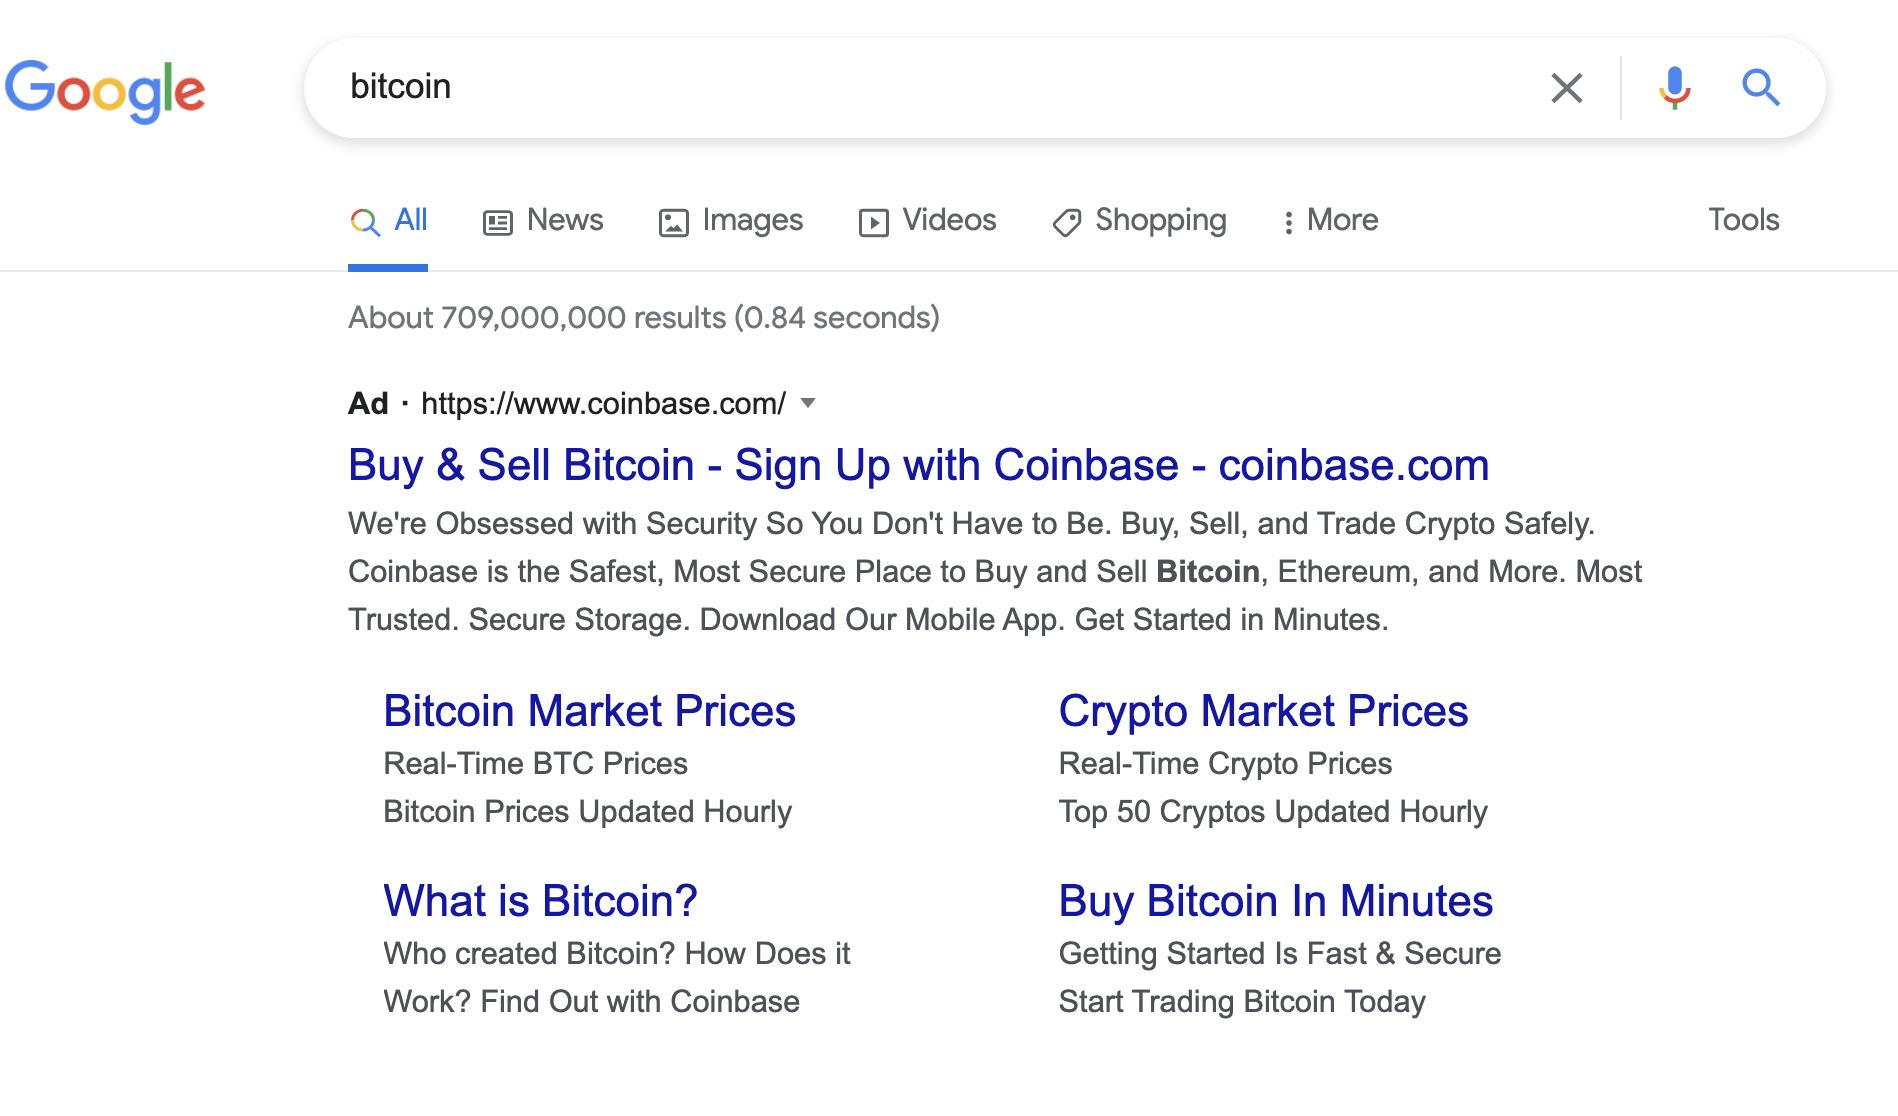 Coinbase's bitcoin ad on Google, August 2021